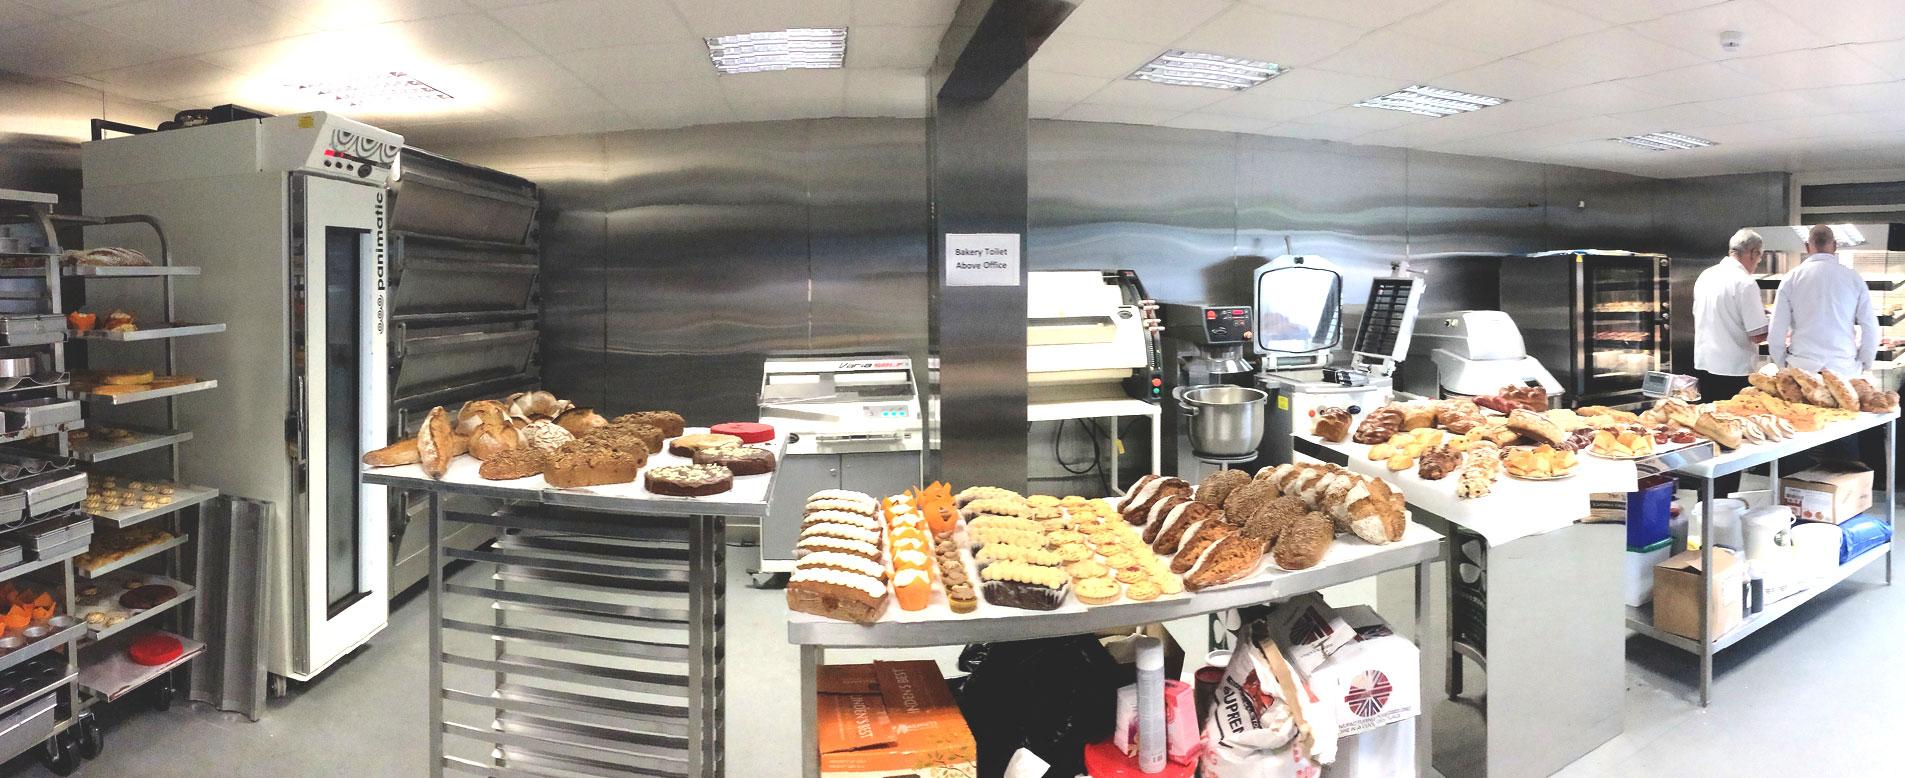 bakery_equip_slider